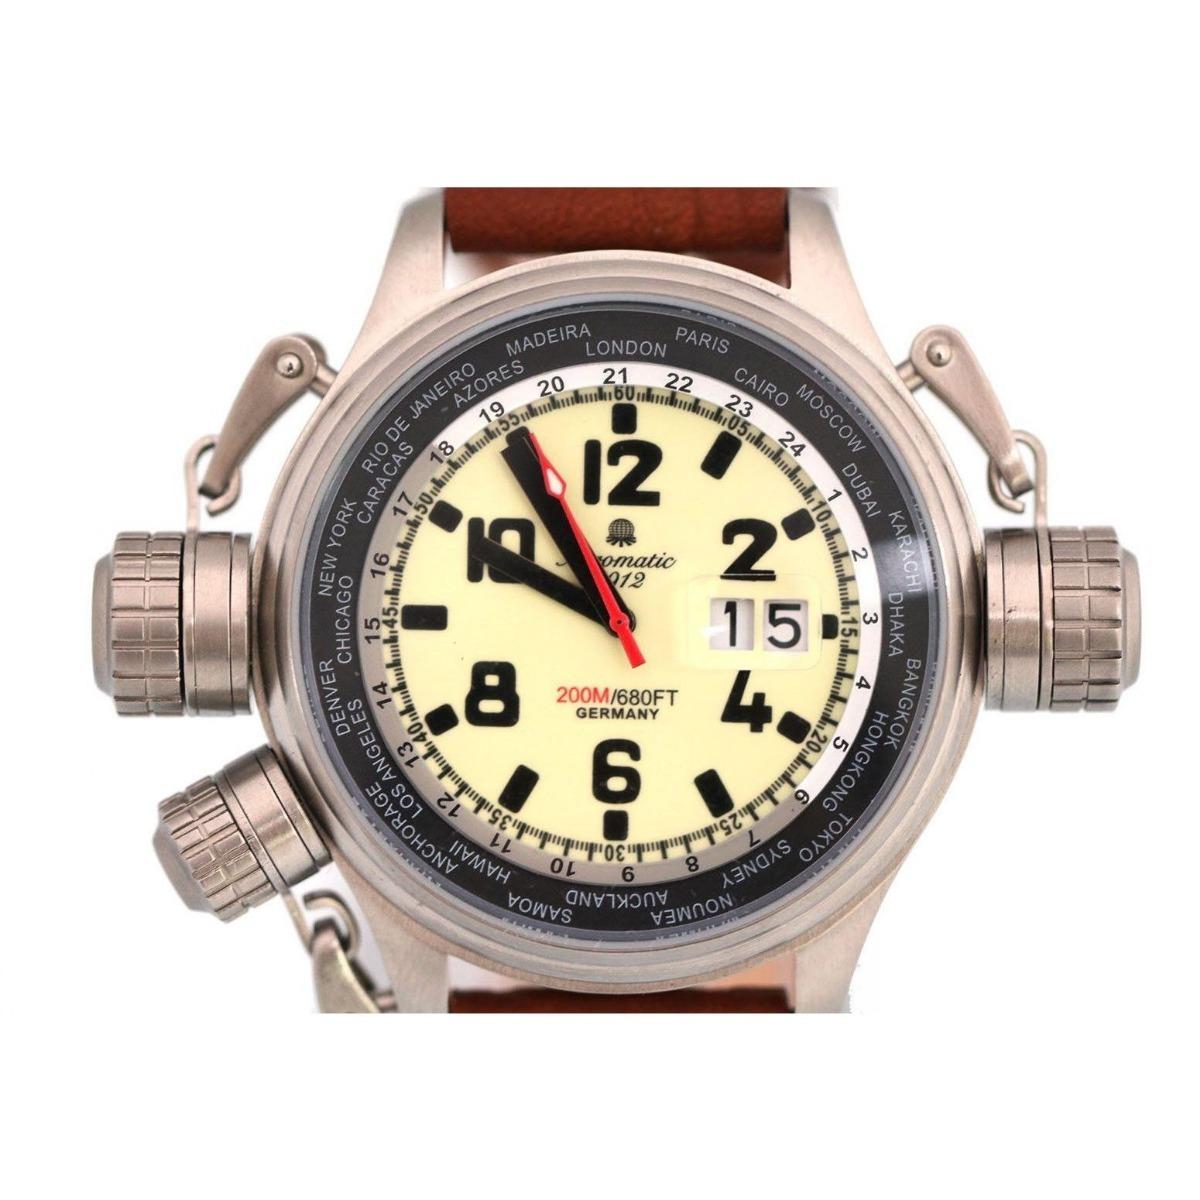 30938397f5f relógio alemão suíço aeromatic militar worldtimer gmt a1285. Carregando  zoom.